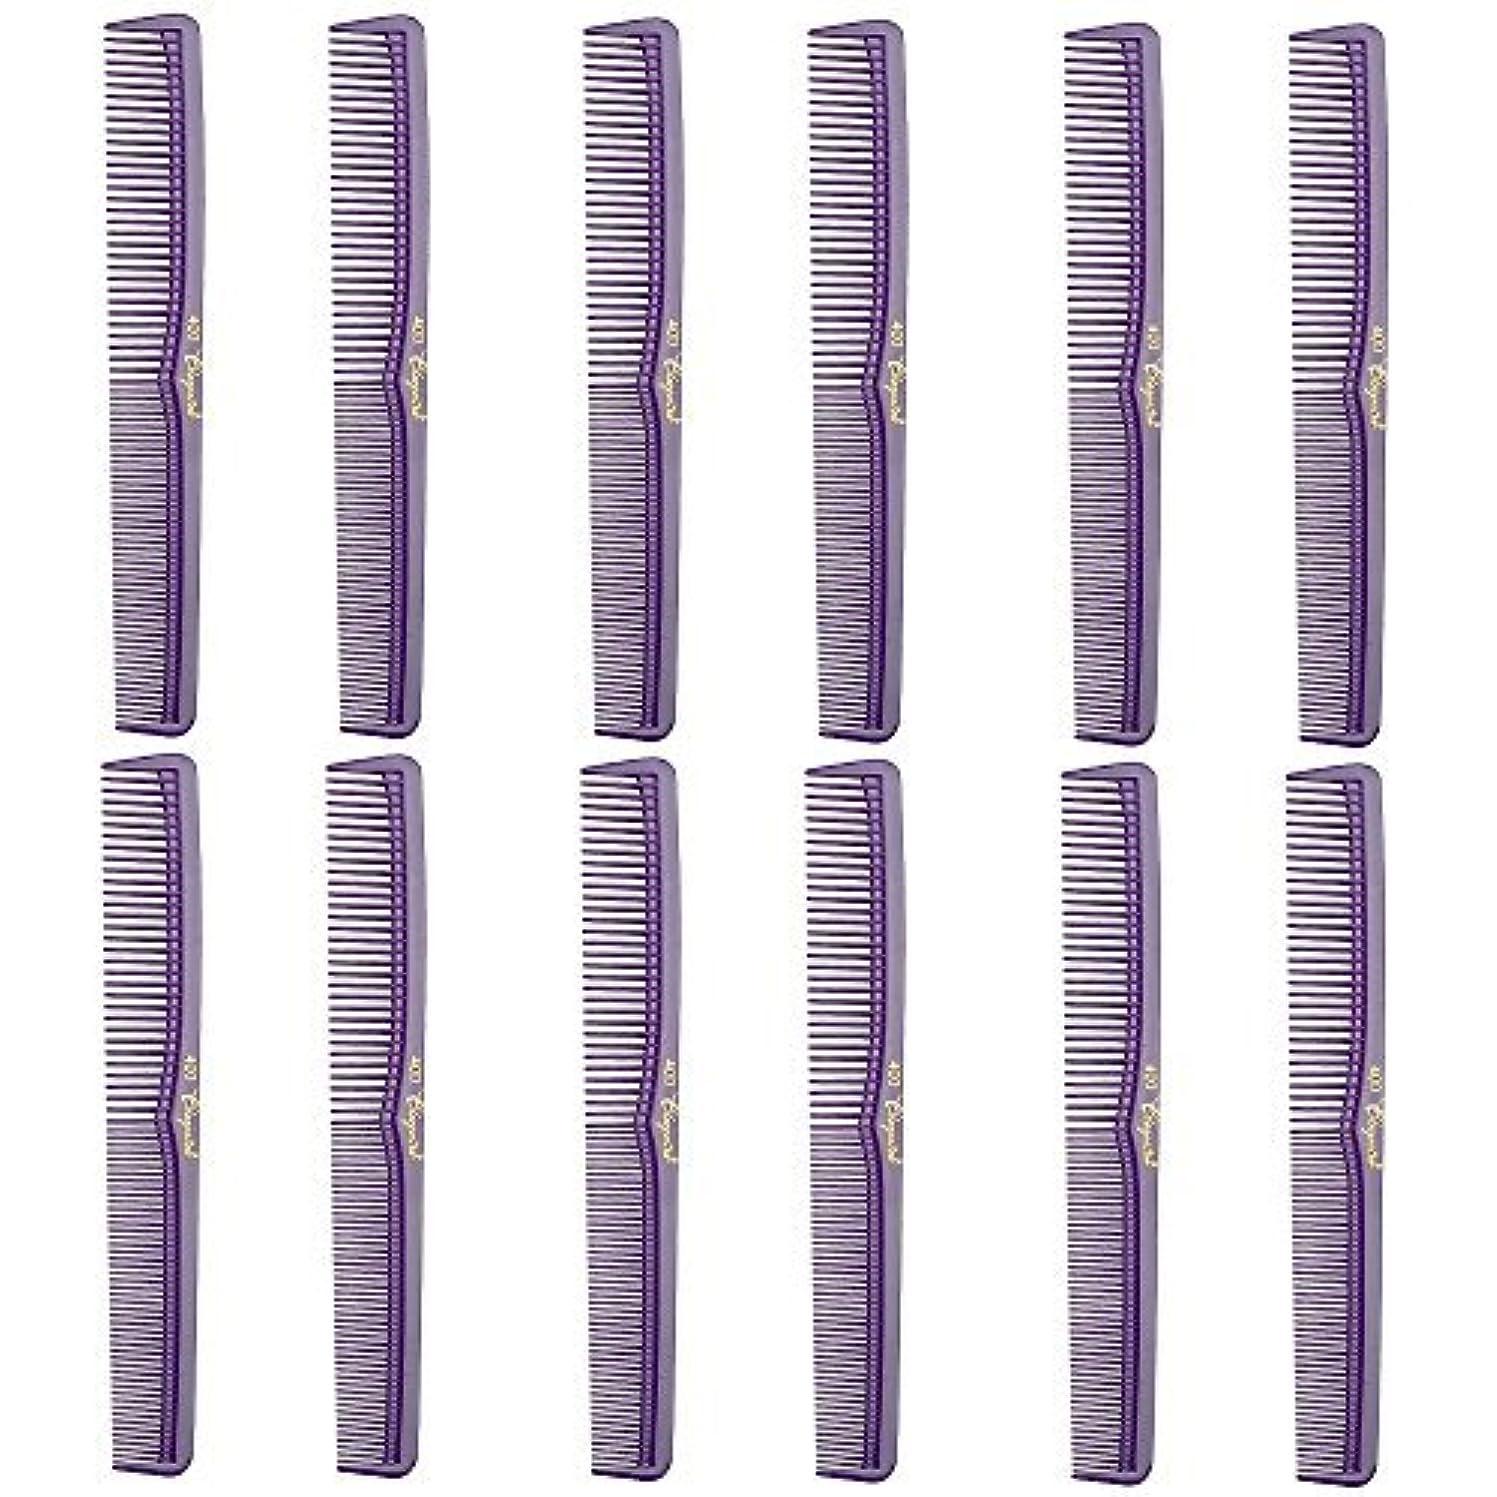 状況傾向がある受け入れるBarber Beauty Hair Cleopatra 400 All Purpose Comb (12 Pack) 12 x SB-C400-PURPLE [並行輸入品]